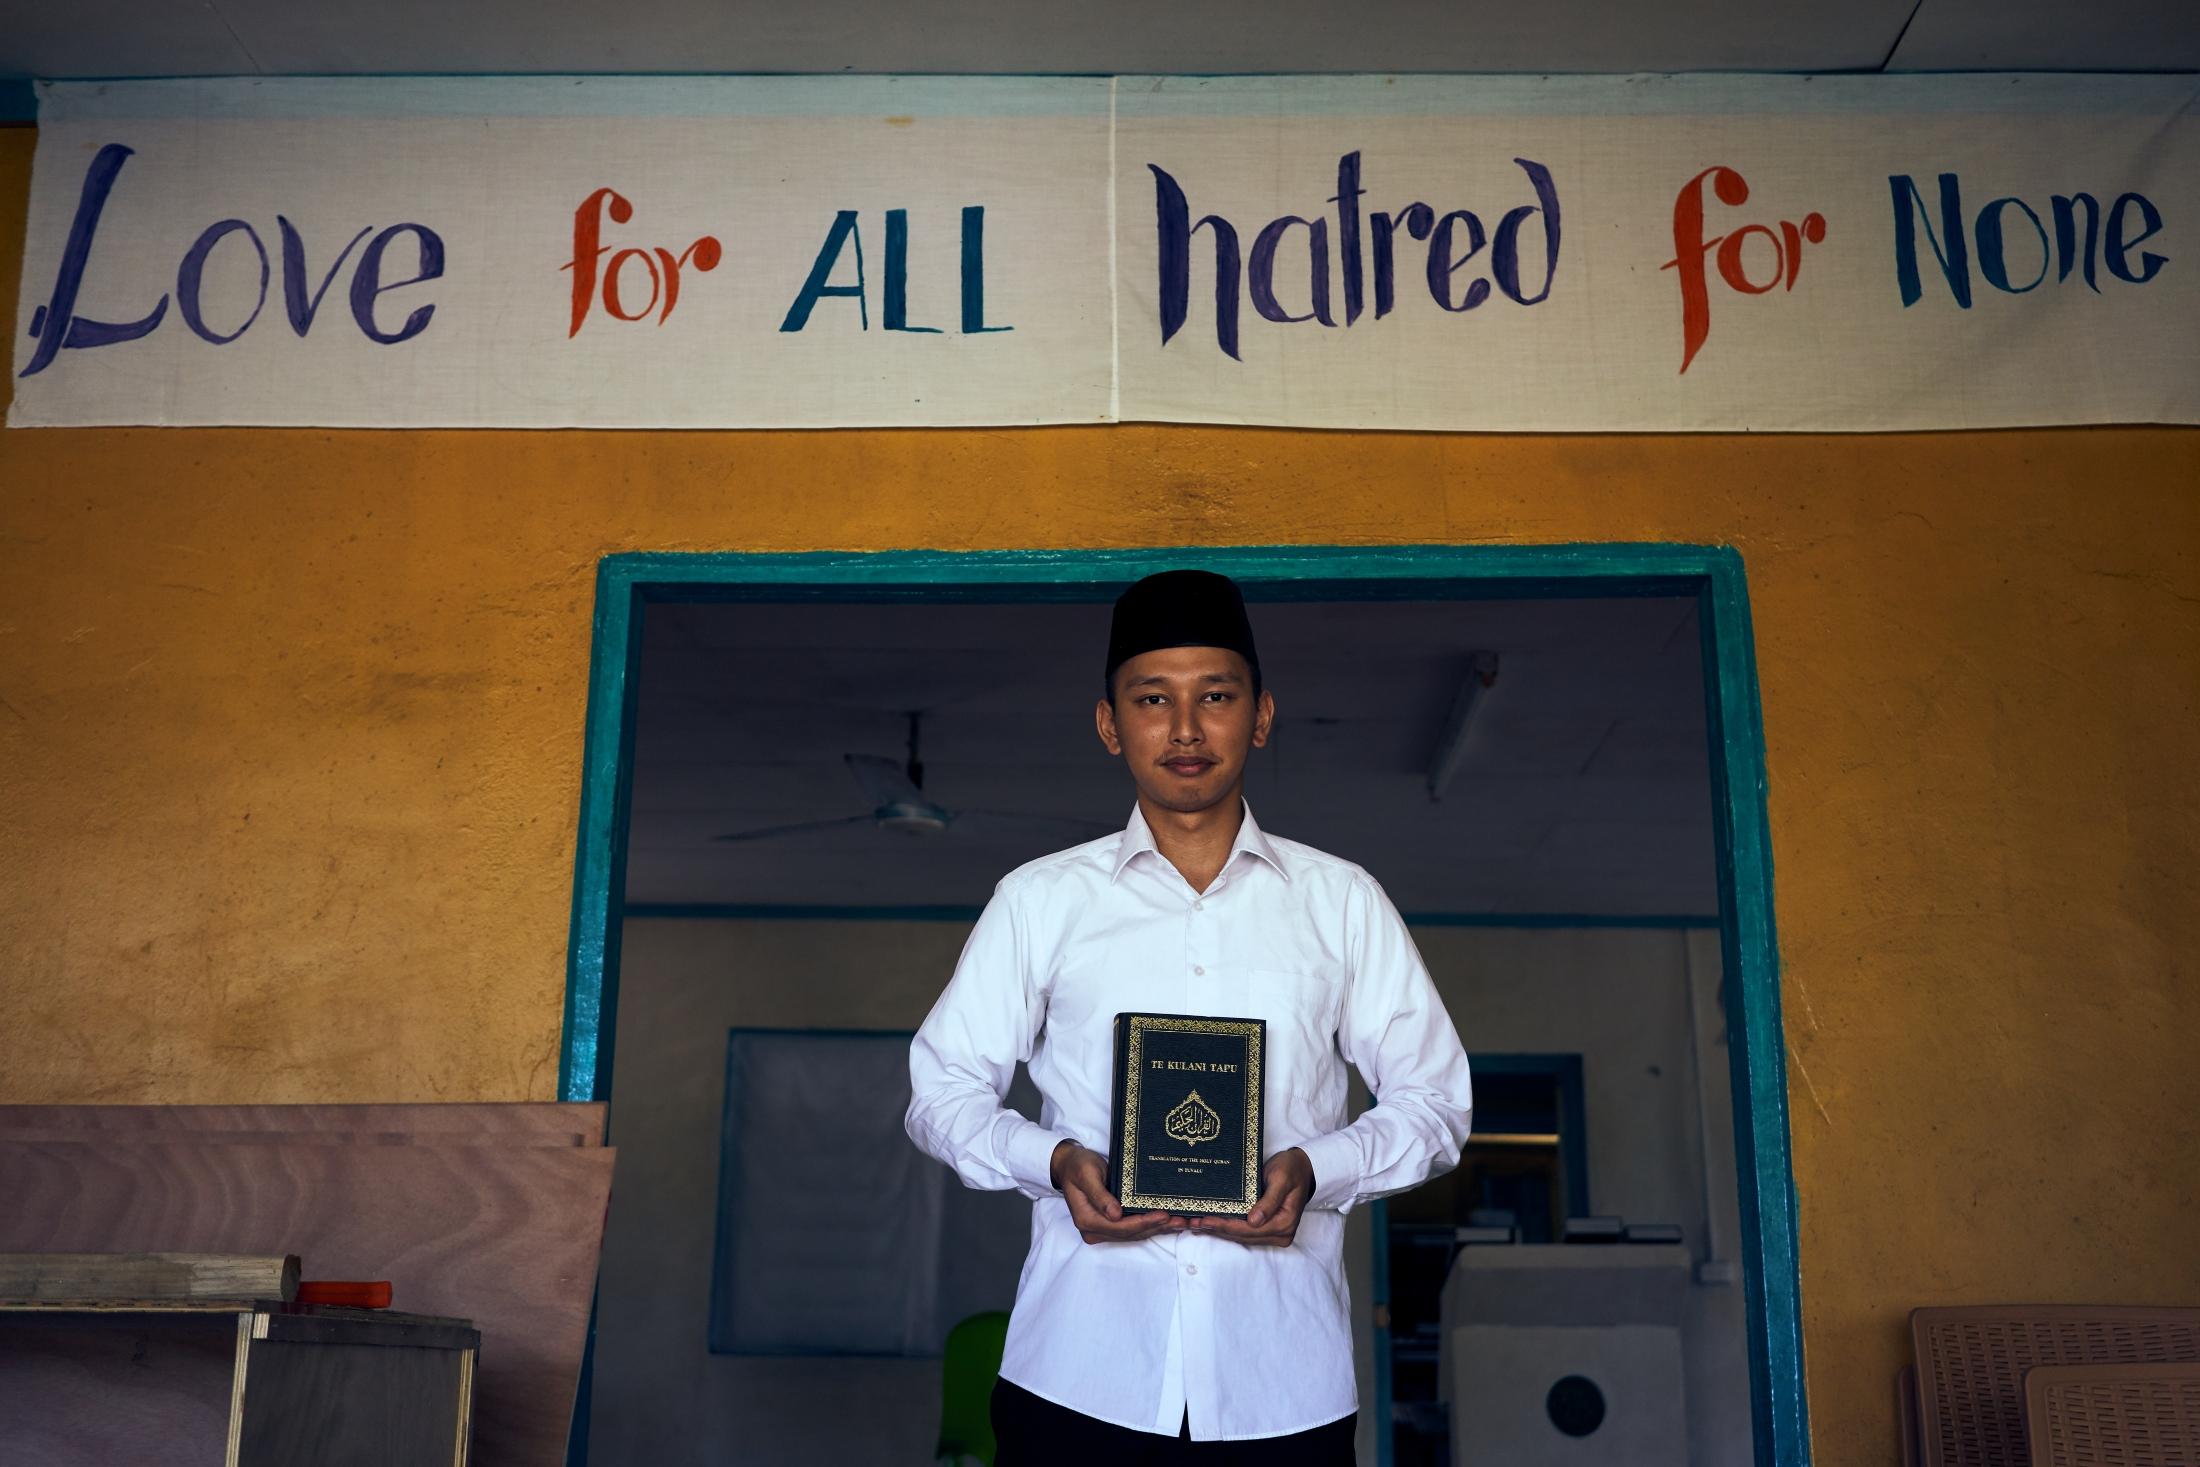 Anugerah Rahadian Firdaus, the Imam of Tuvalu's Ahmadiyyah Mosque.